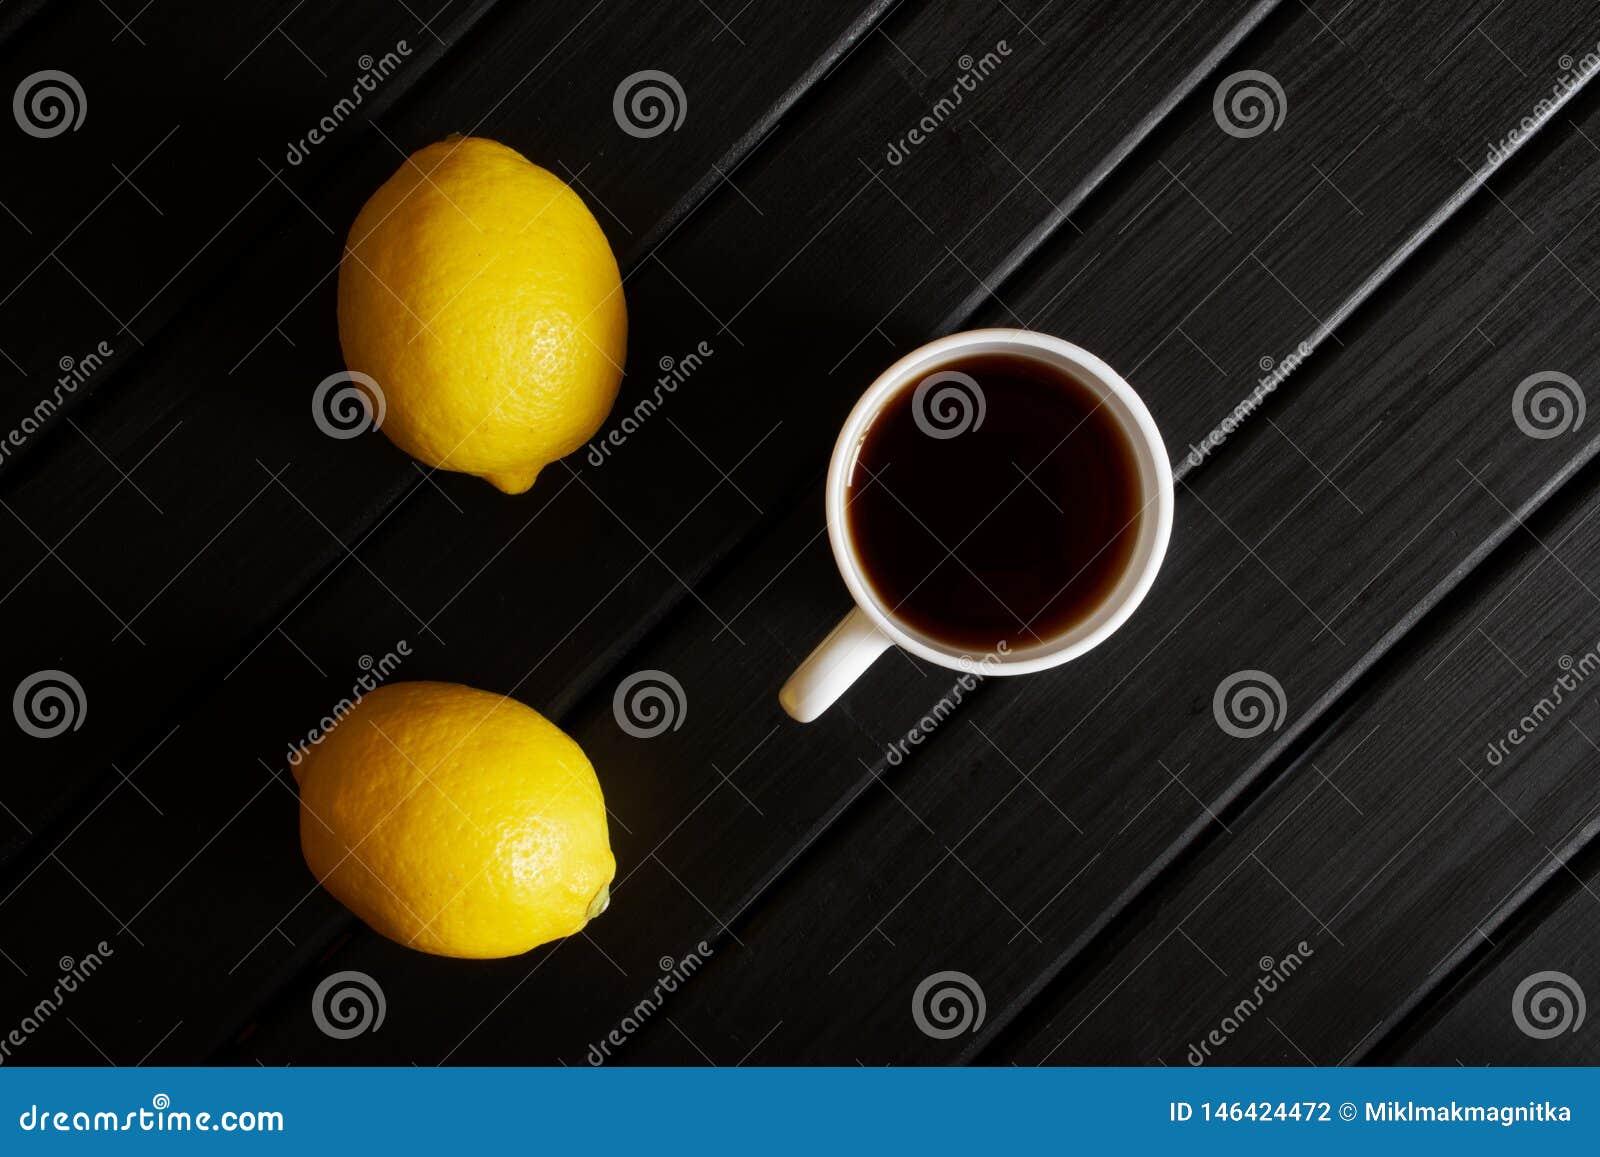 Biała filiżanka z czarnej herbaty stojakami na czarnym stole obok dwa żółtych cytryn minimalista ?wiat?o dzienne